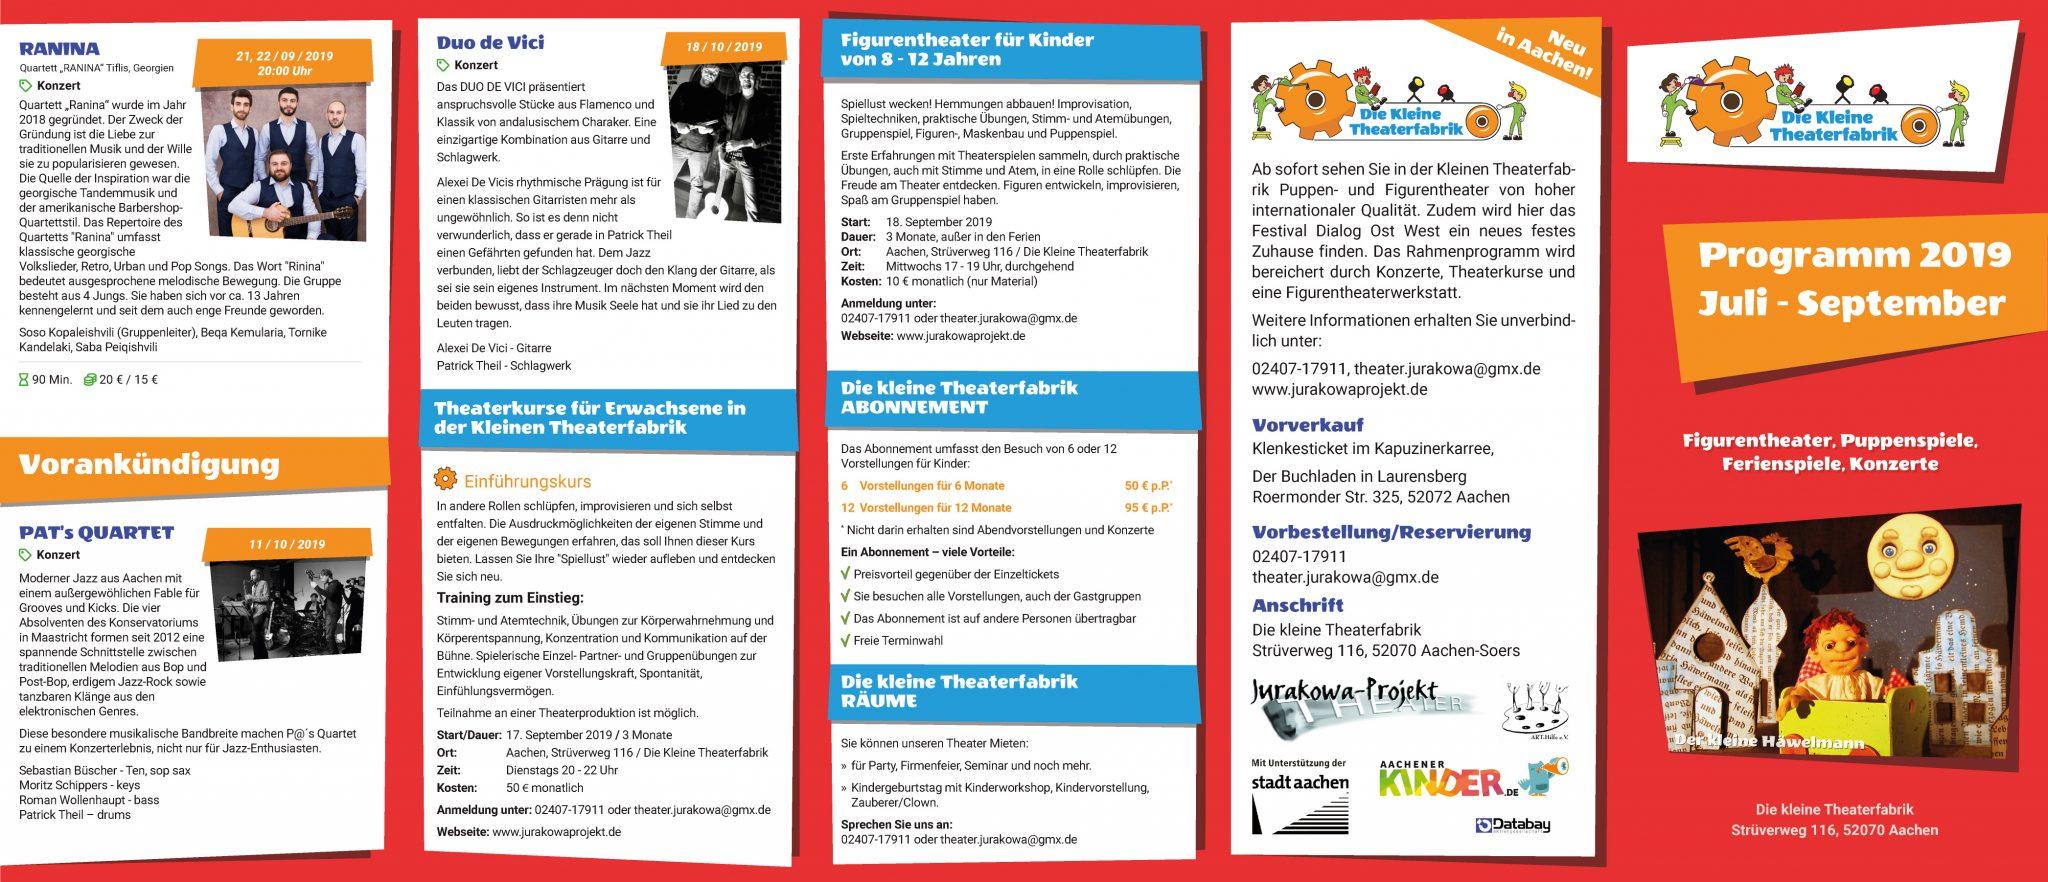 Programm Juli-August der Kleinen Theaterfabrik